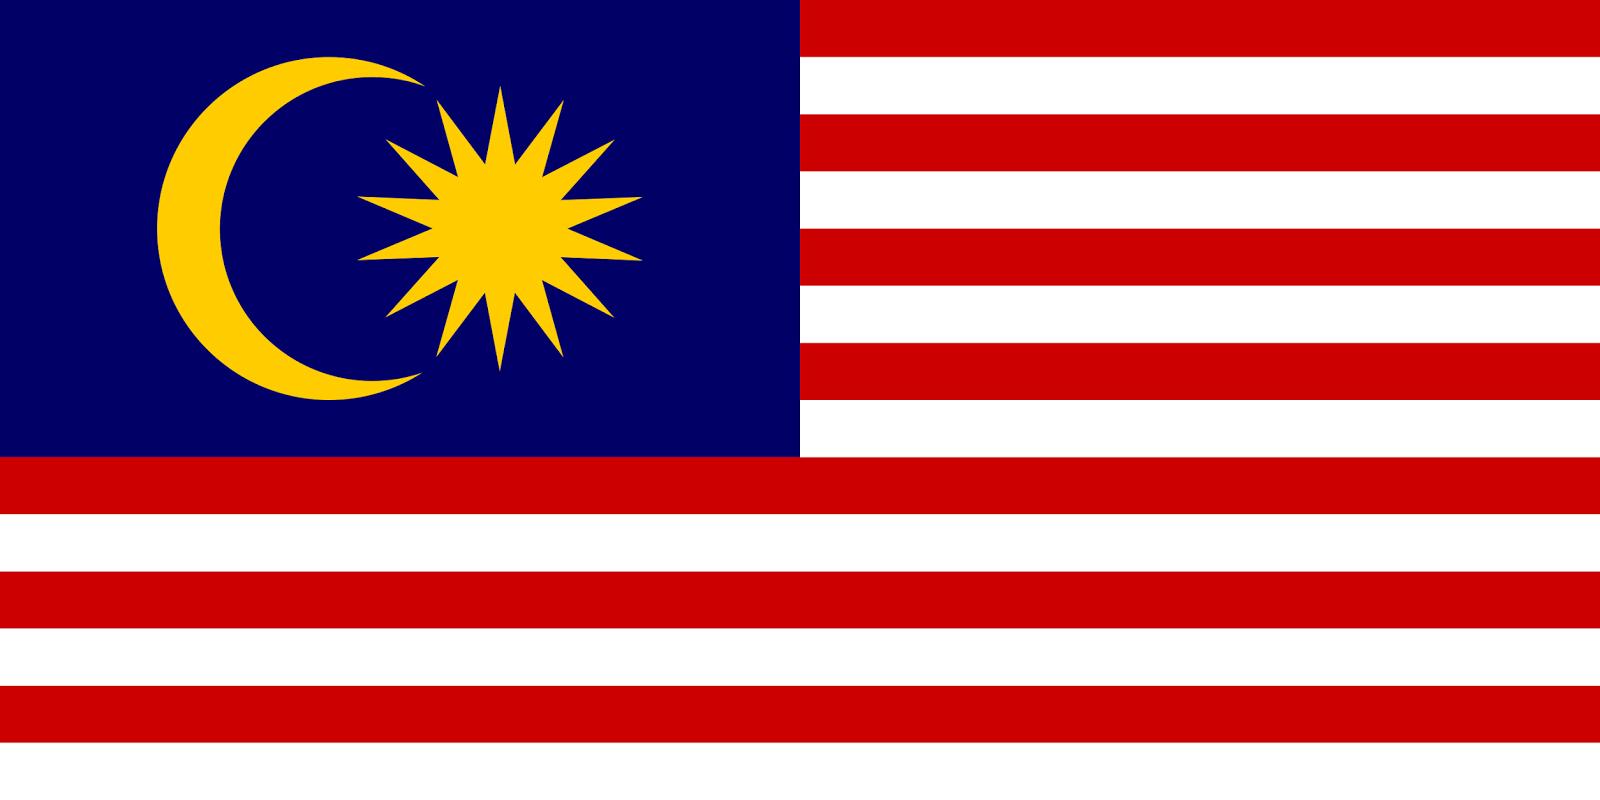 Malaysia Flag Bendera Malaysia Jalur Gemilang